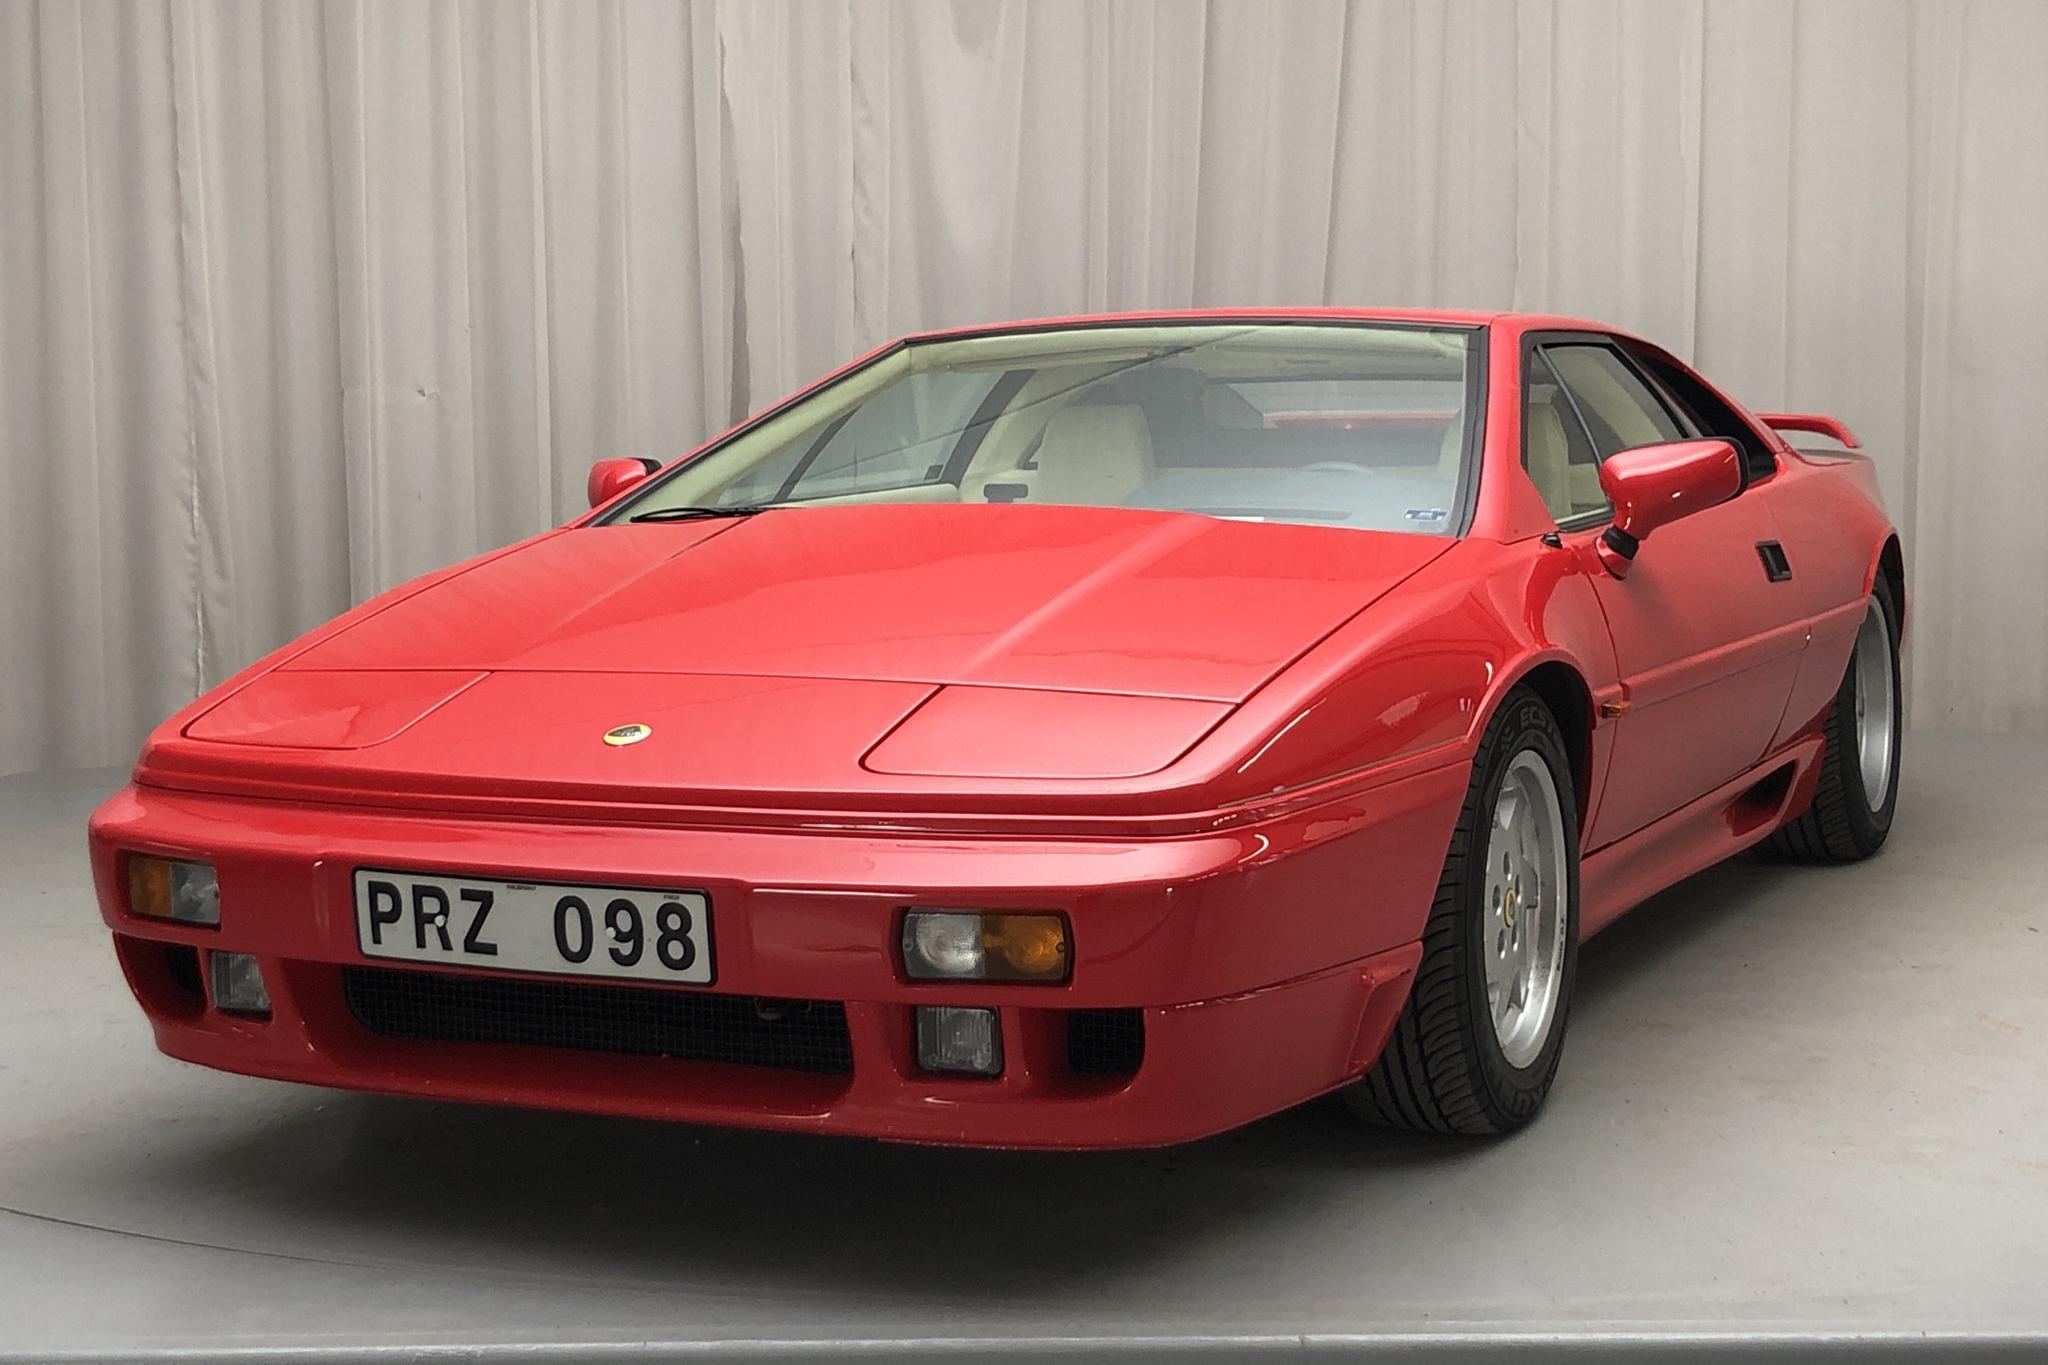 Lotus Lotus Esprit SE 2.2 Turbo (268hk) X180 - 6 946 mil - Manuell - röd - 1990